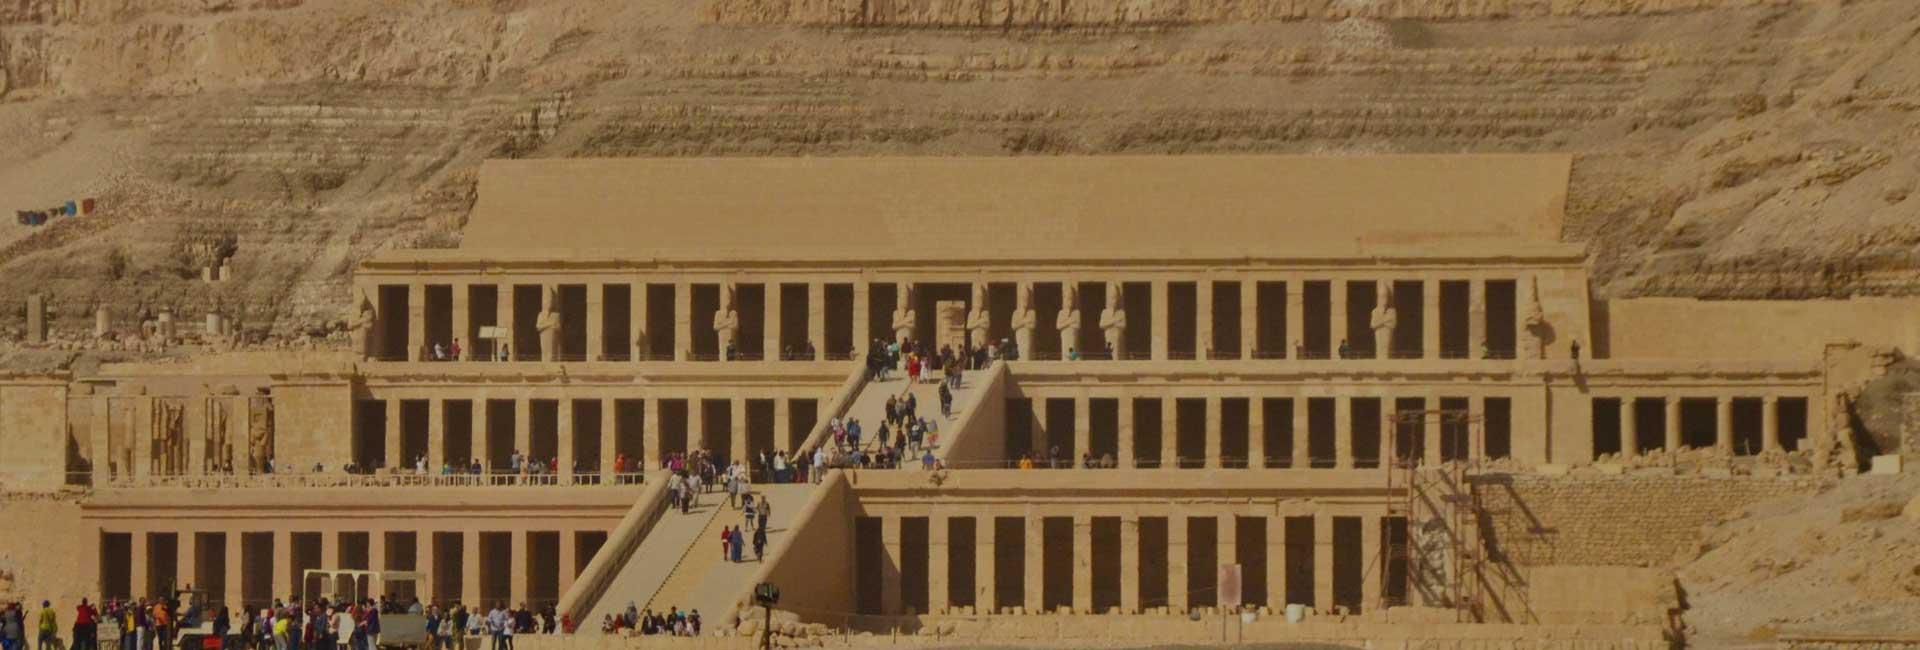 https://nileholiday.com/temple-of-hatshepsut/